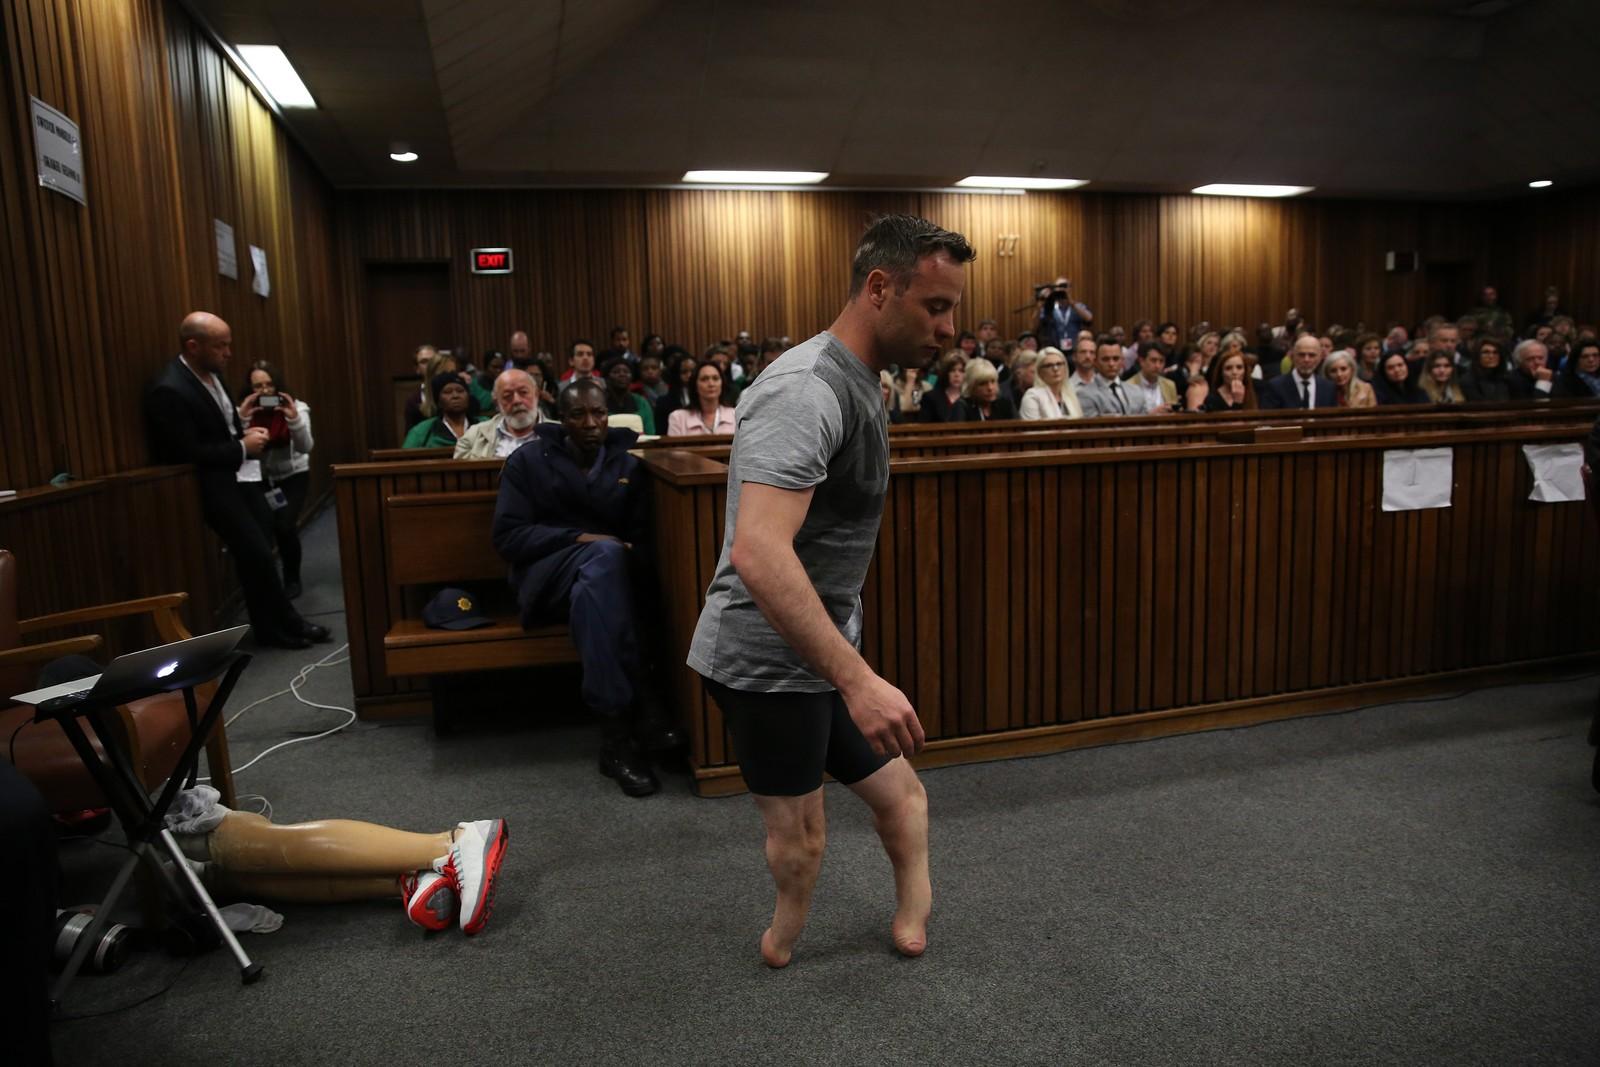 Paralympics-vinner Oscar Pistorius demonstrerte for retten hvordan han går uten protesene sine i høyesterett i Pretoria i Sør-Afrika. Aktor mente Pistorius bevisst skjøt for å drepe kjæresten Reeva Steenkamp i 2013. Han ble dømt til seks års fengsel.